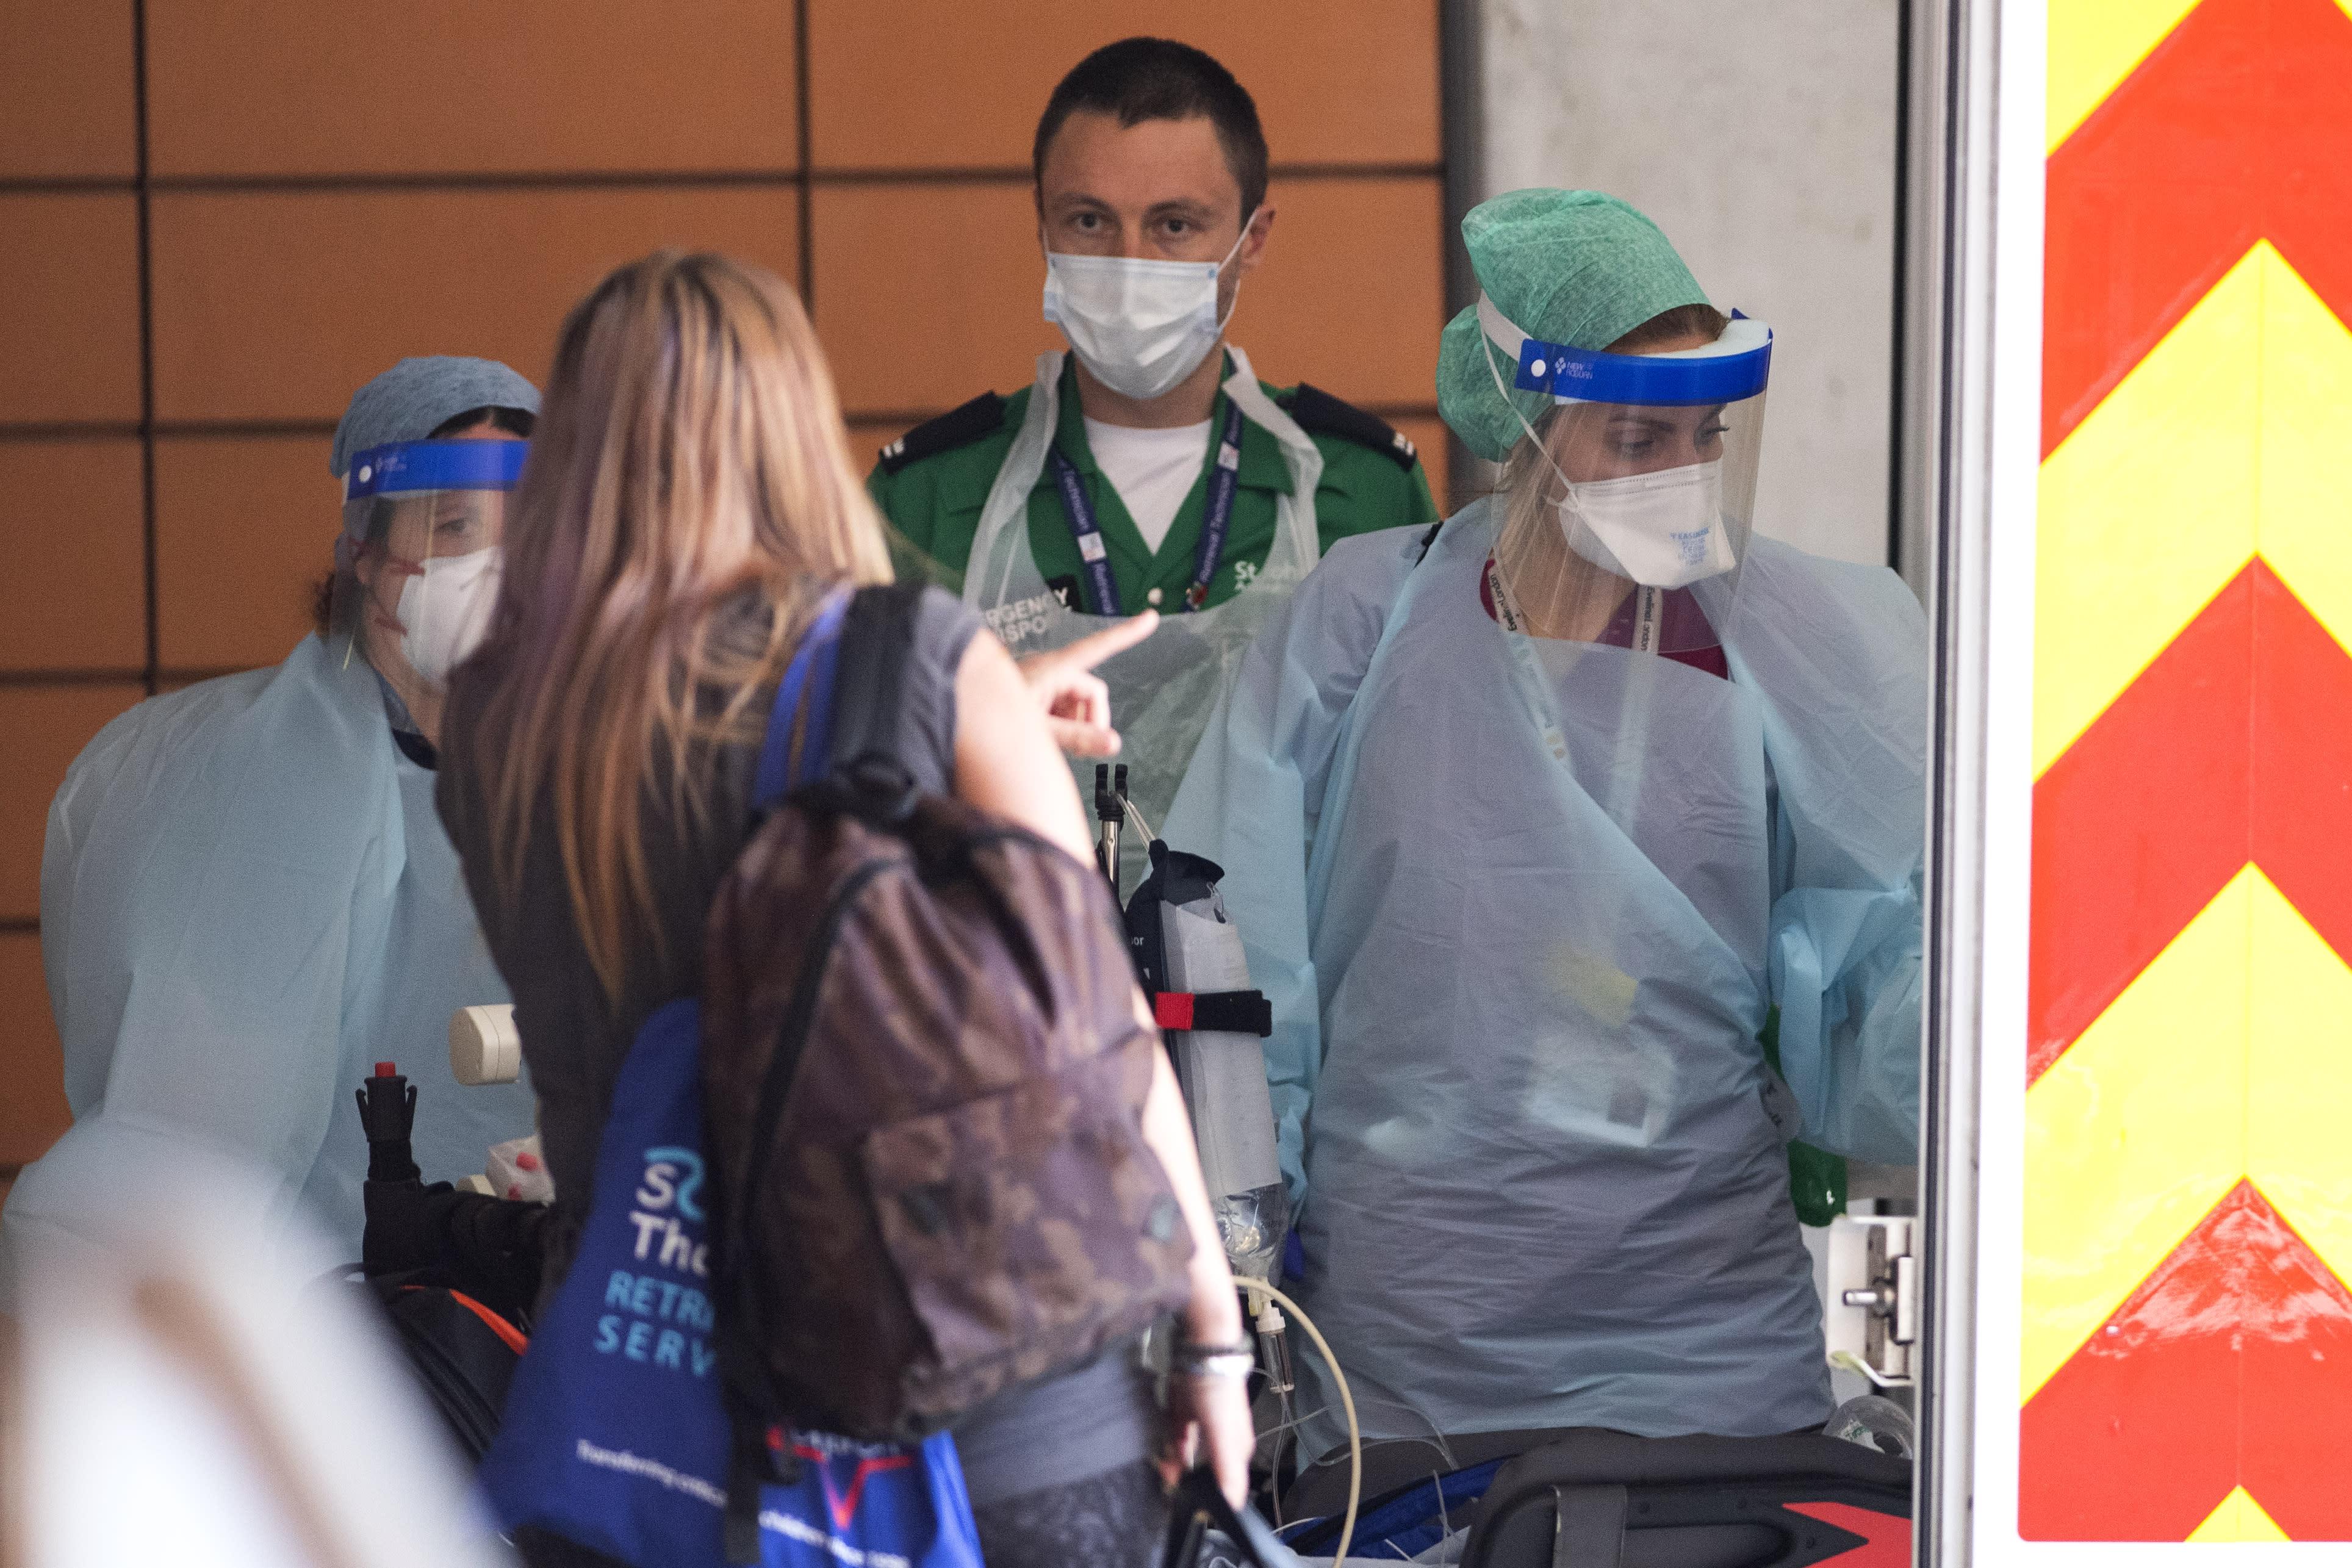 Coronavirus: Nurses told to refuse to treat virus patients ...